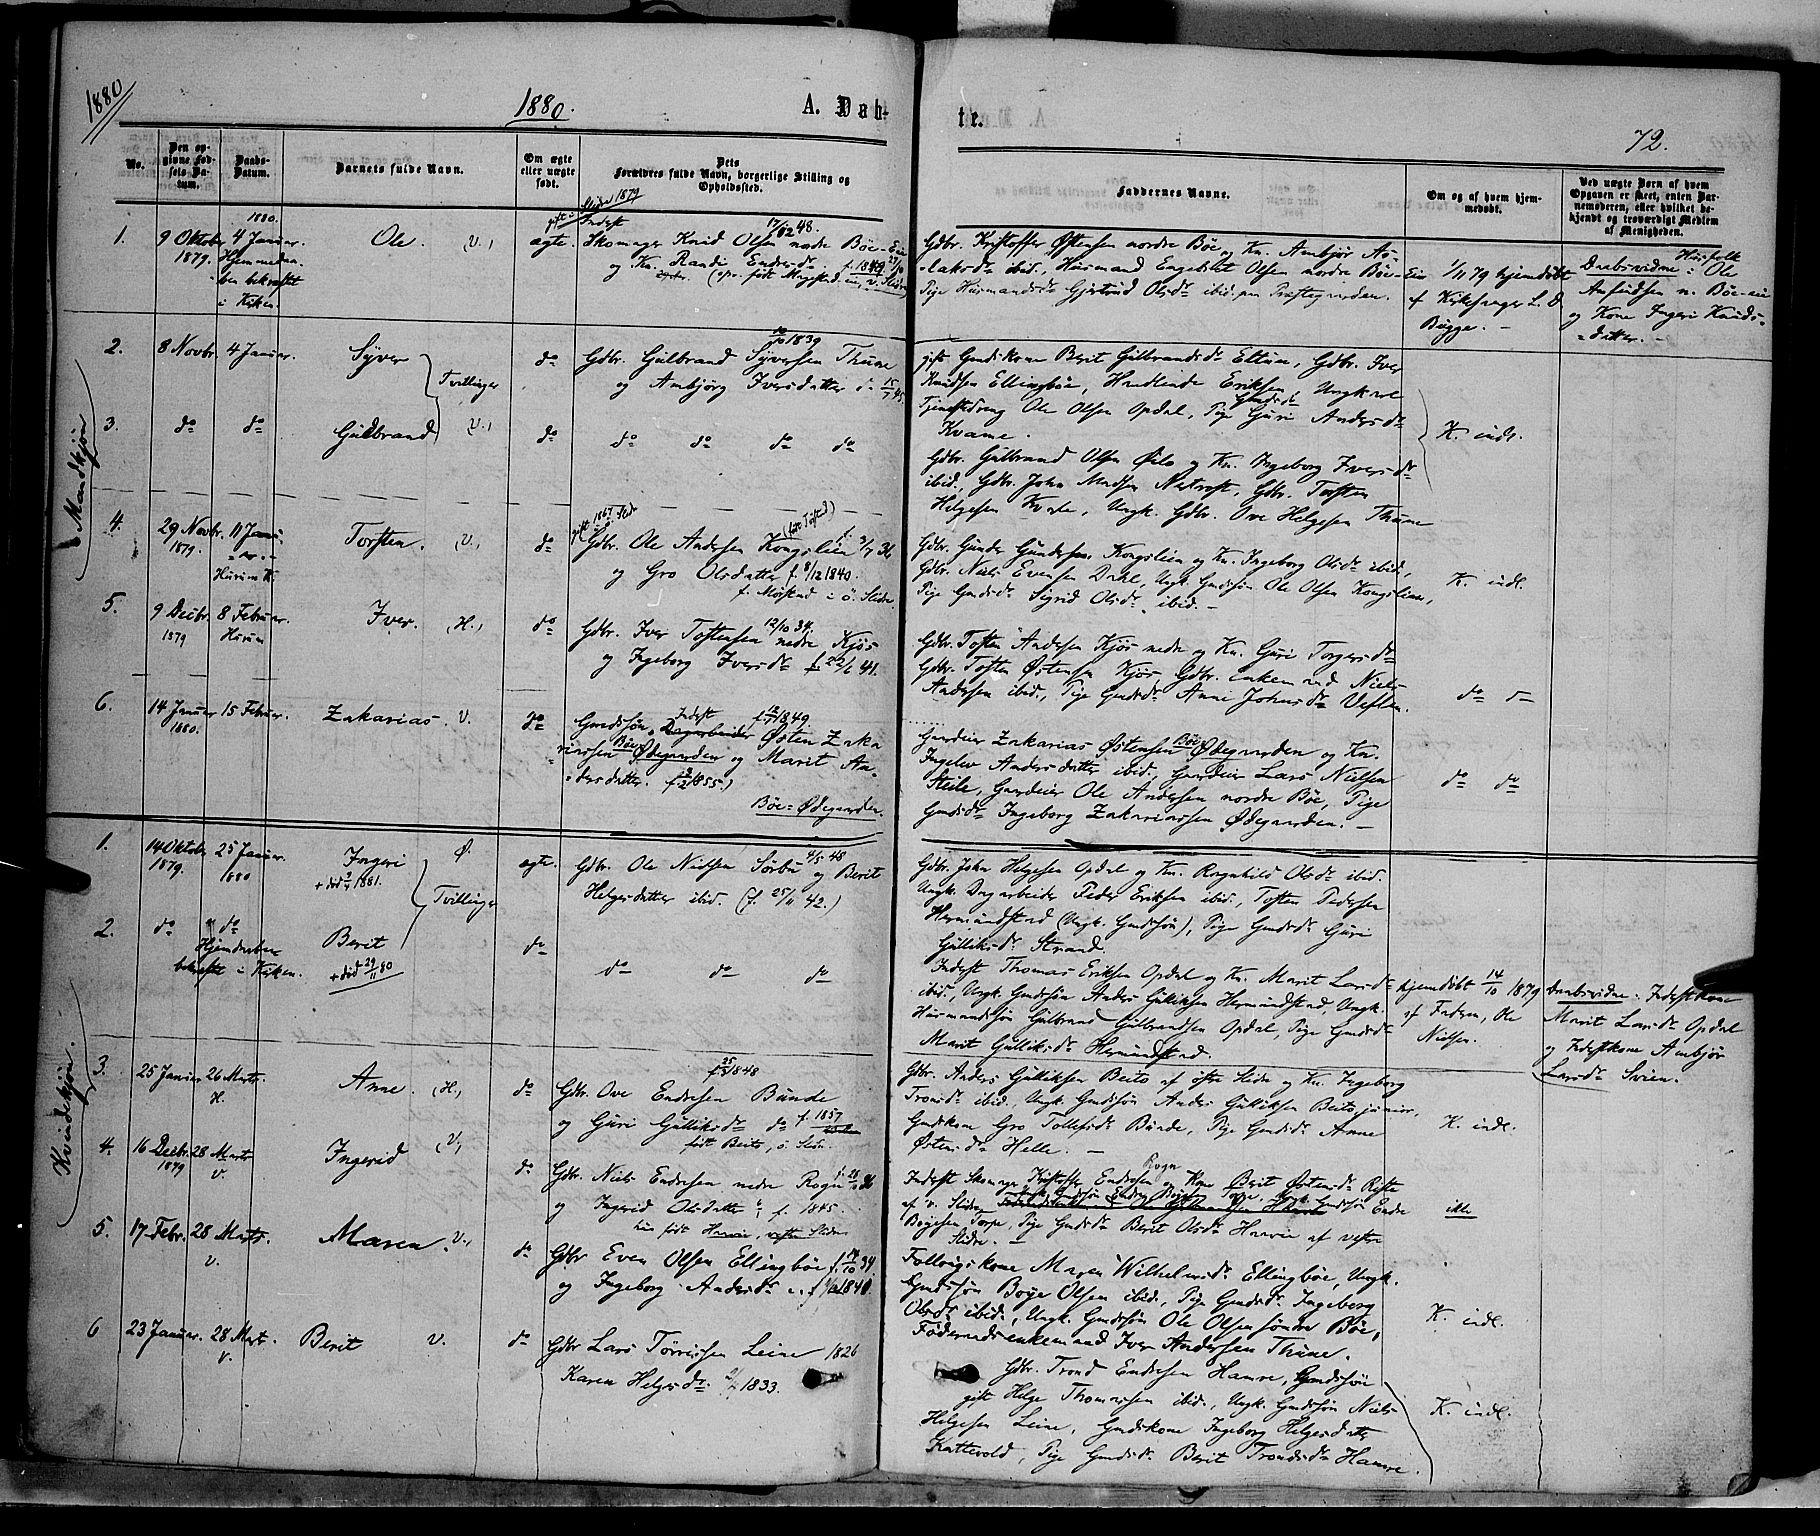 SAH, Vang prestekontor, Valdres, Ministerialbok nr. 7, 1865-1881, s. 72